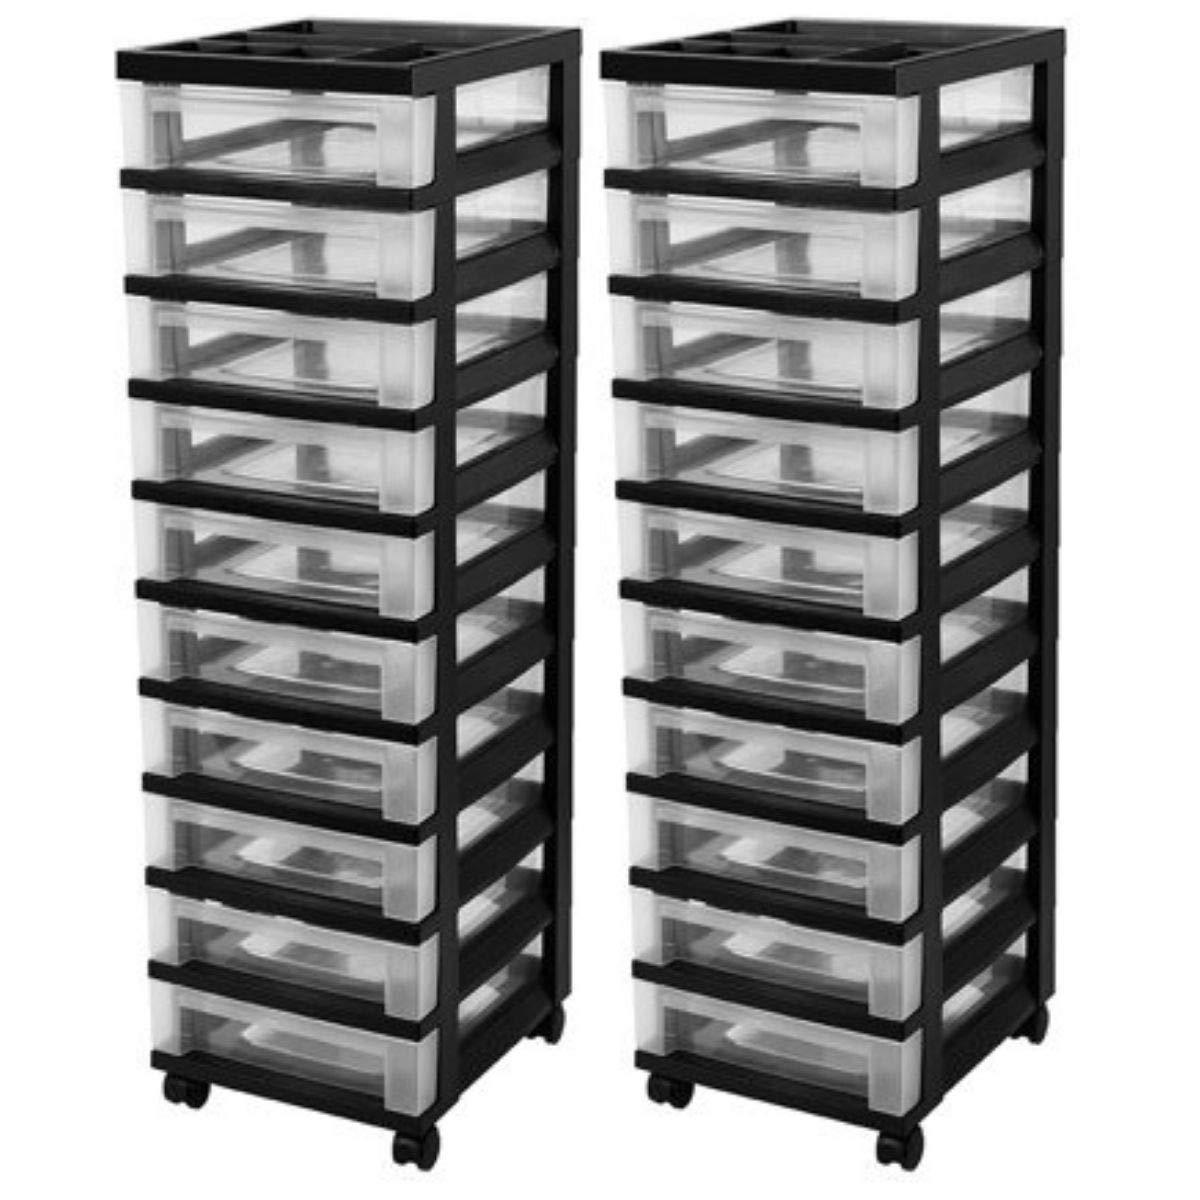 IRIS 10-Drawer Rolling Storage Cart with Organizer Top (Set of 2, Black) by IRIS USA, Inc.